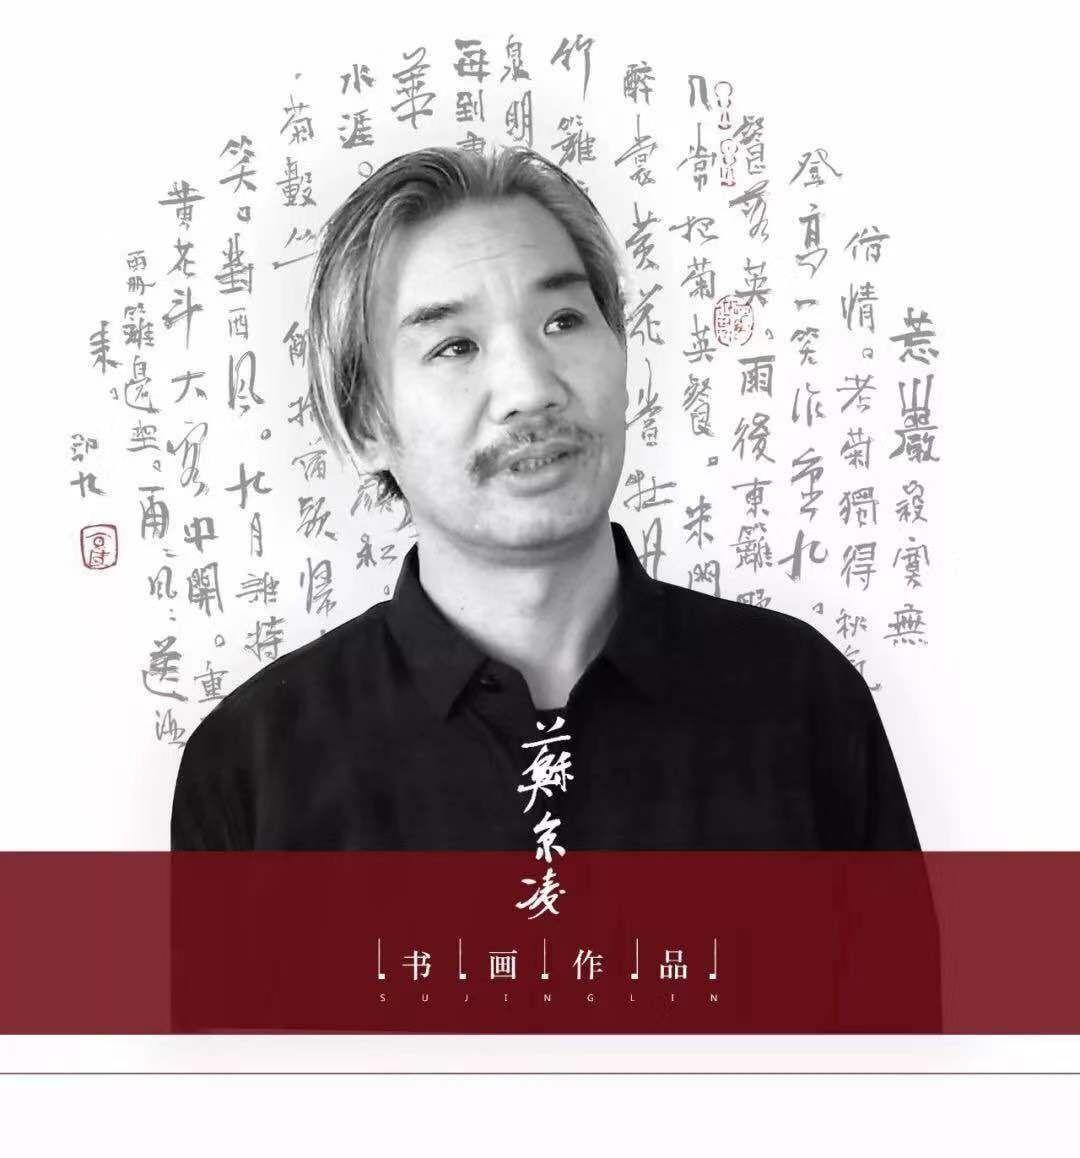 著名画梅画家苏京凌——朴实无华明霜傲雪